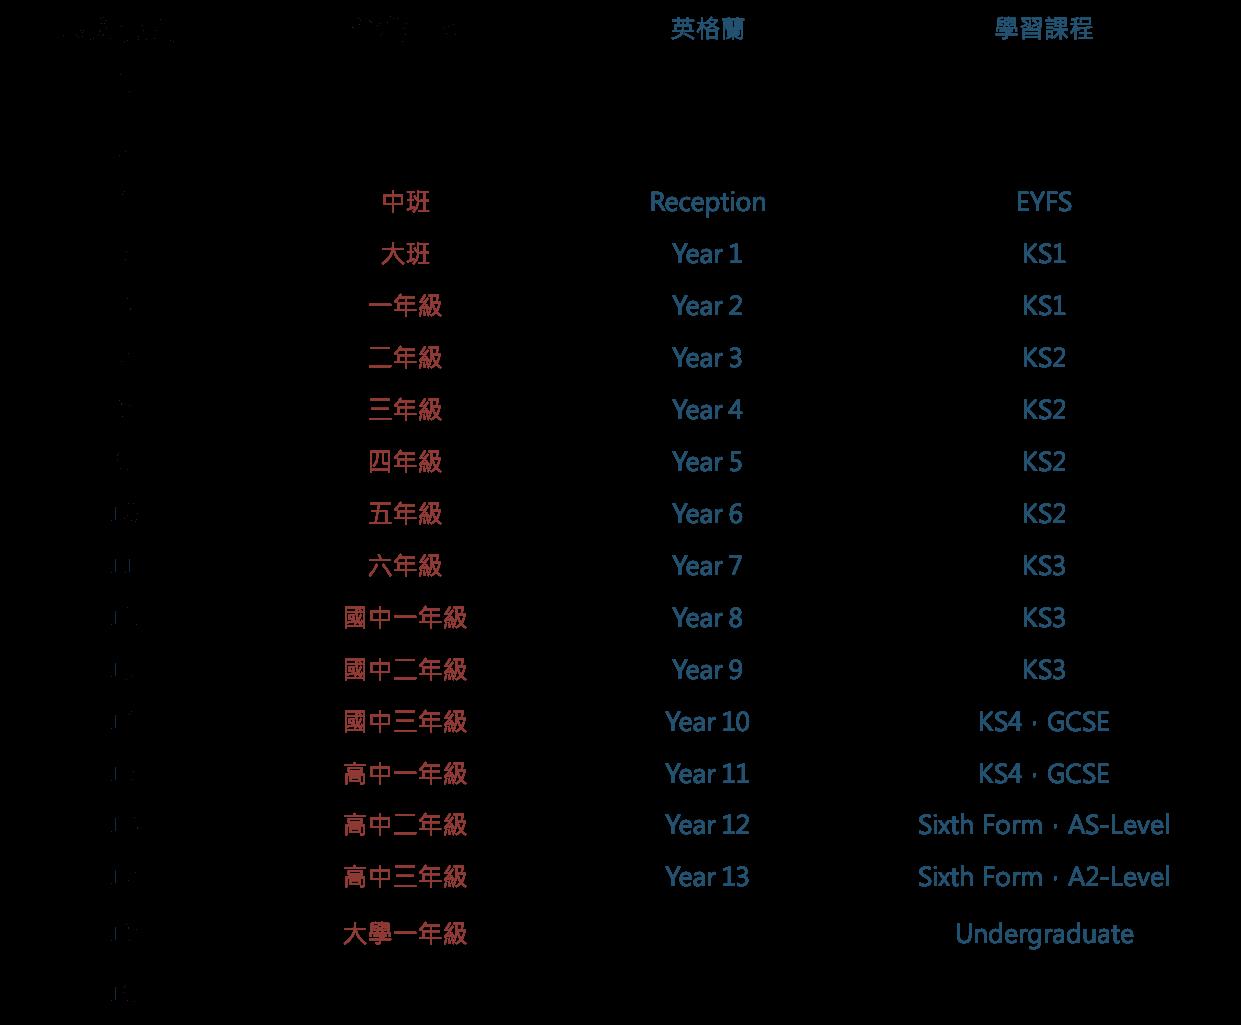 台灣英國學制對照表